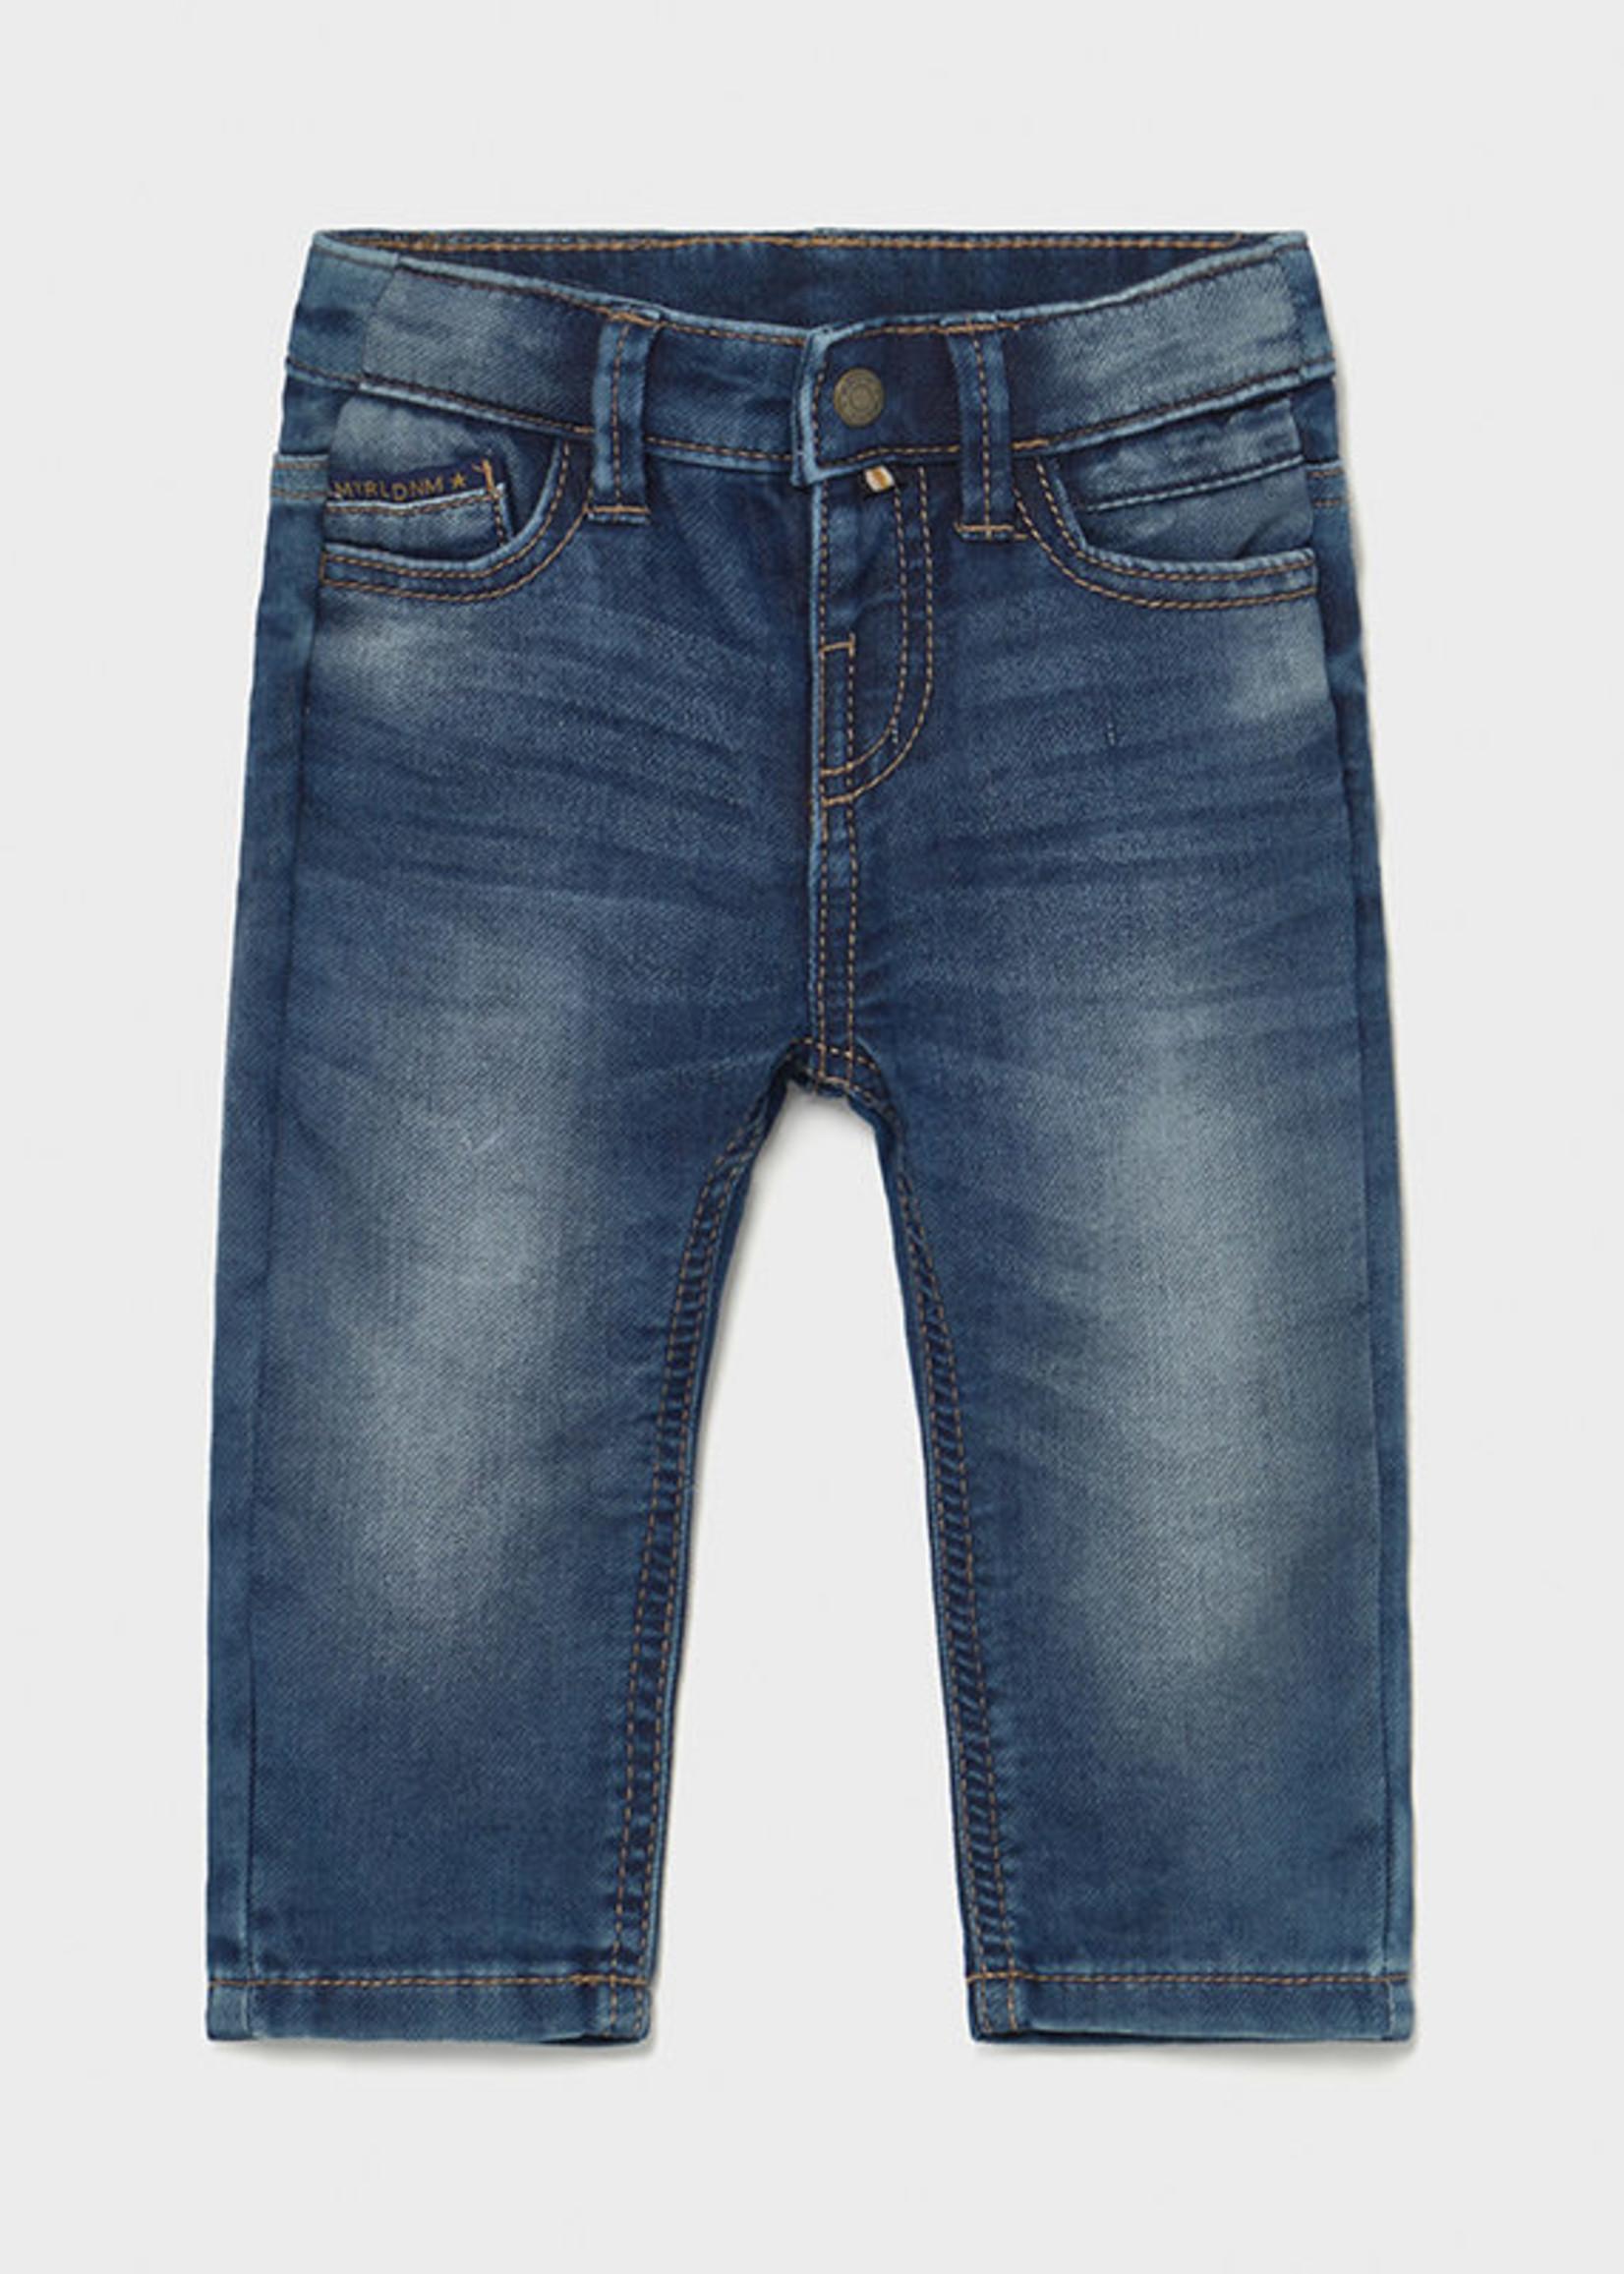 Mayoral Mayoral Soft denim jeans